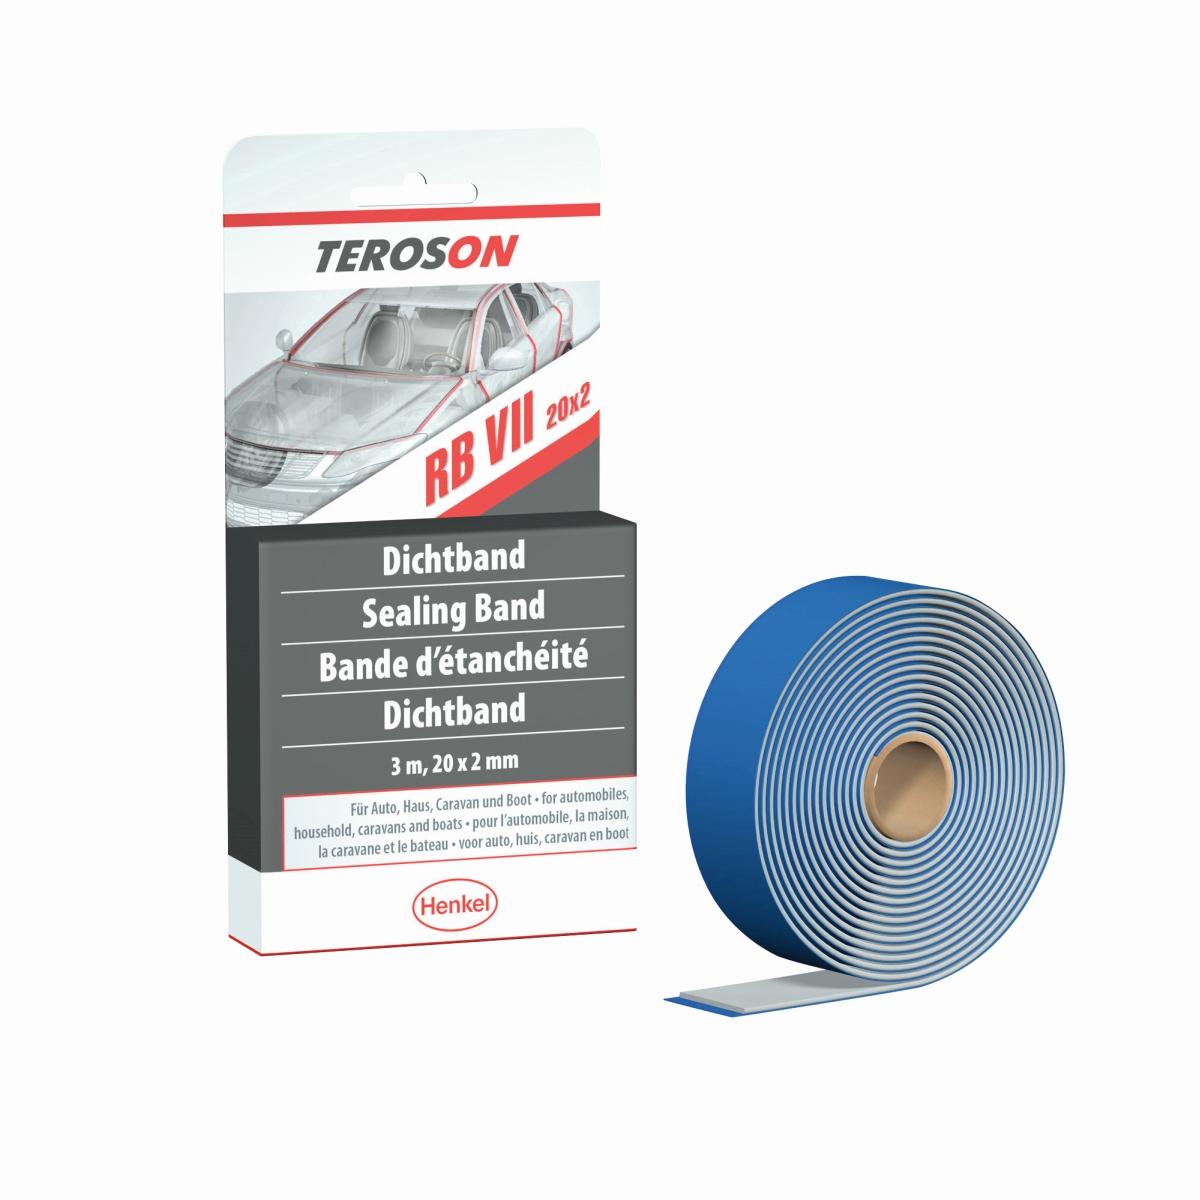 Henkel TEROSON RB VII 20 x 2 mm weiß, 3 m